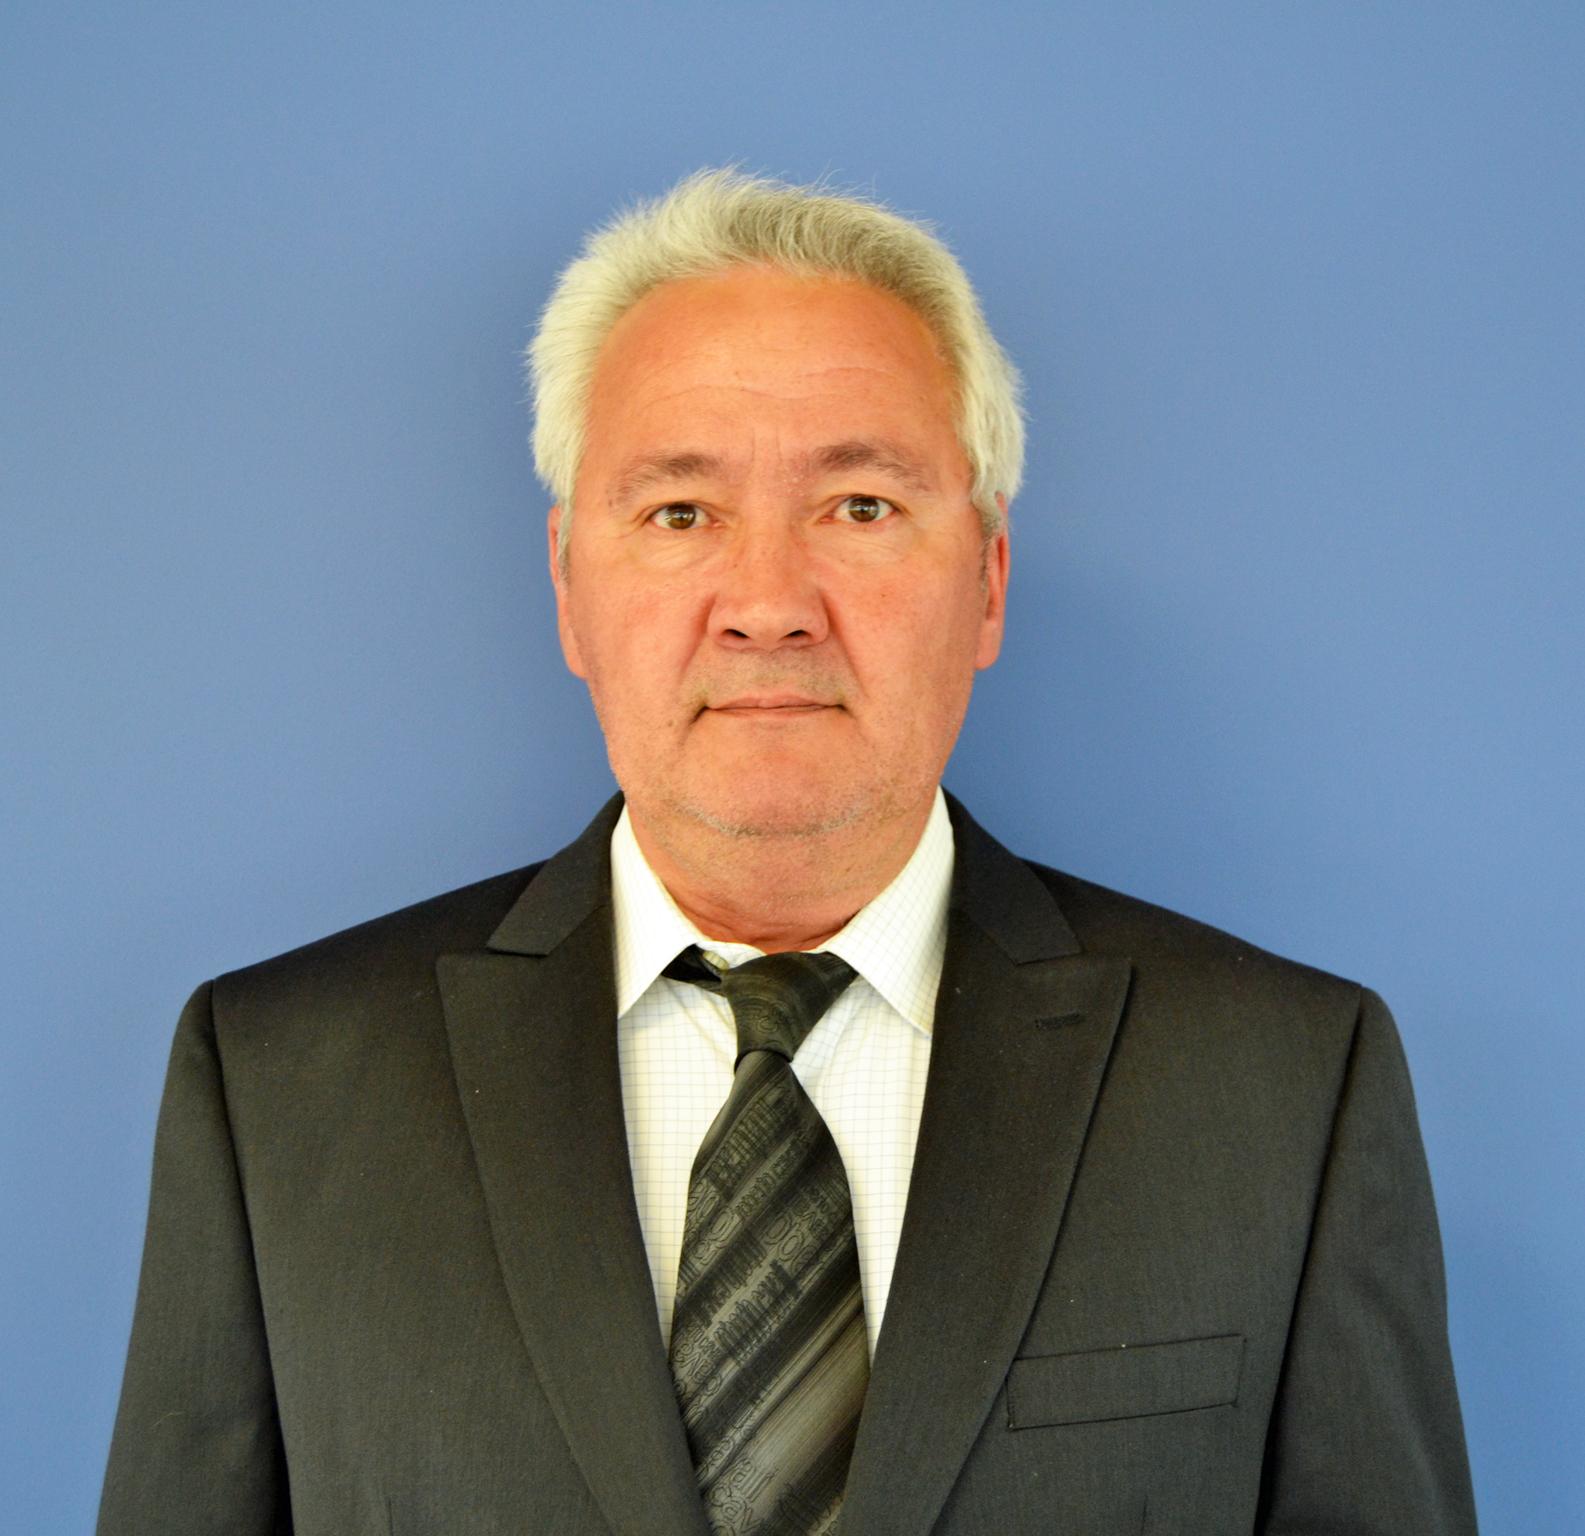 Lawrence Dimitriev